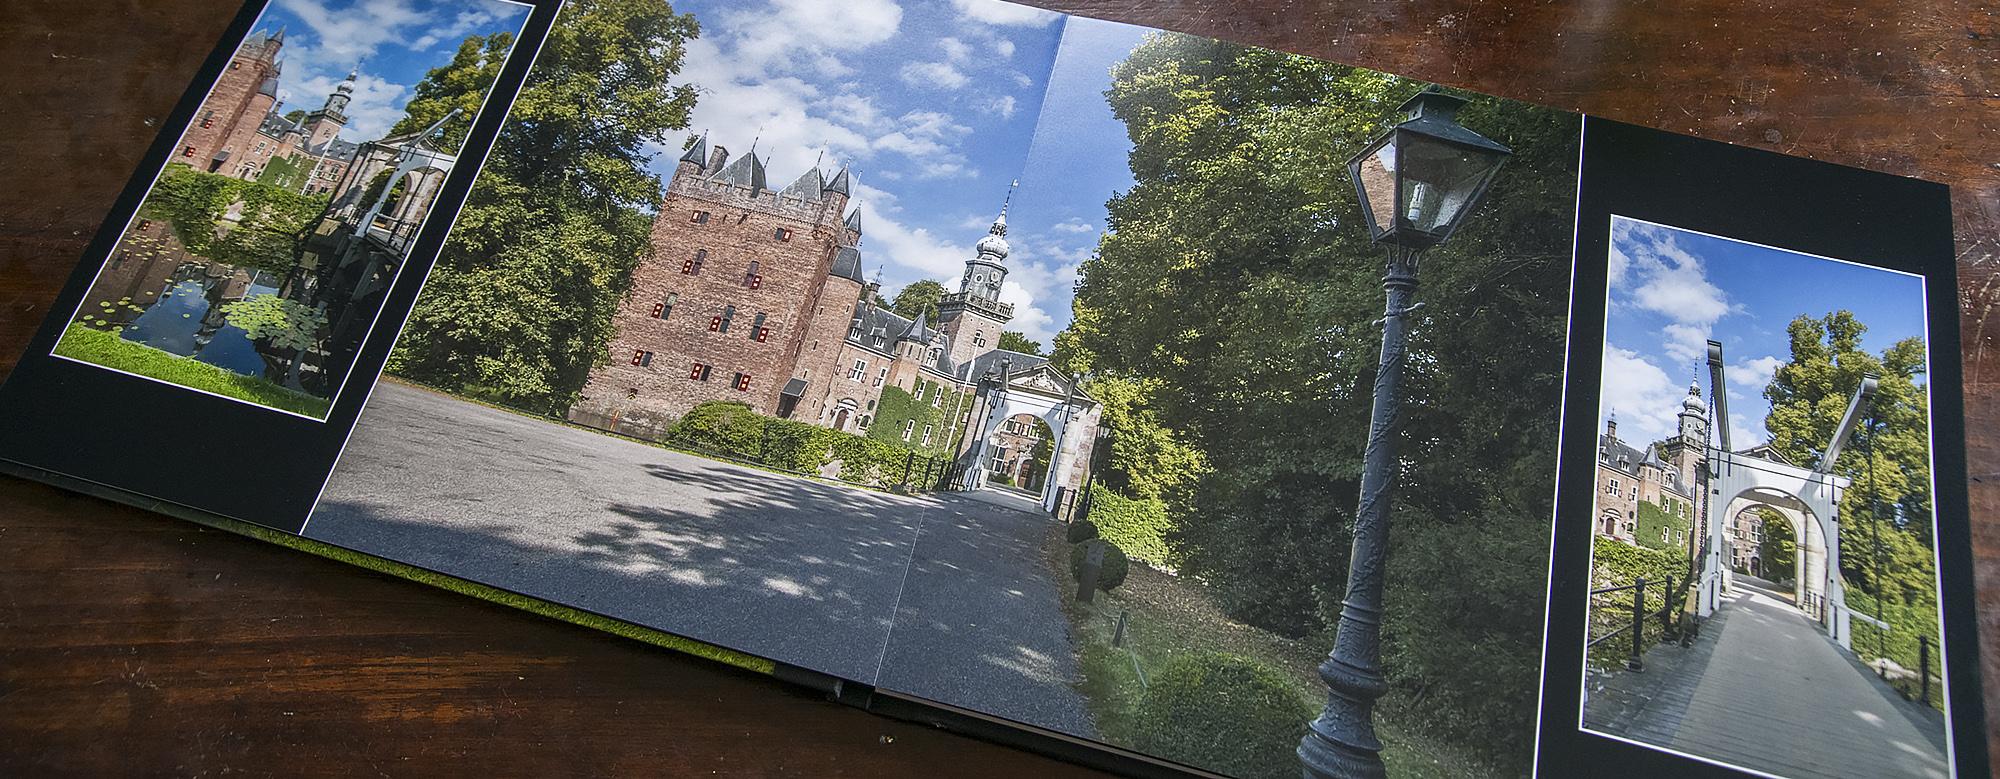 Nijenrode kasteel fotoalbum | Monumenten fotograaf Leontine van Geffen-Lamers